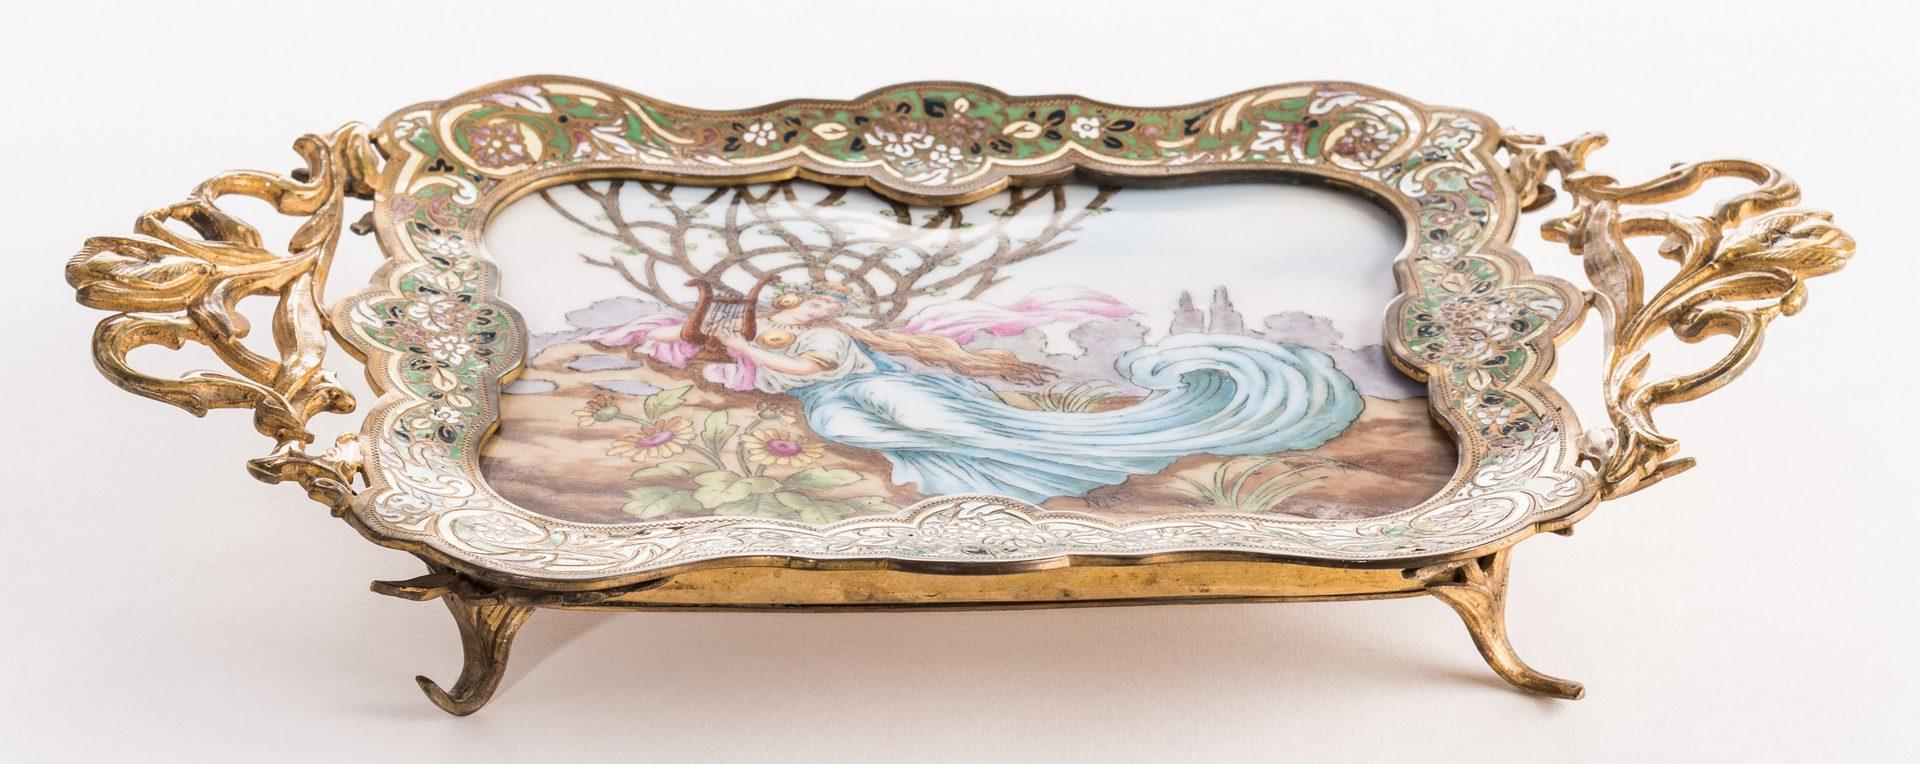 Lot 626: French Art Nouveau Bronze & Porcelain Tray